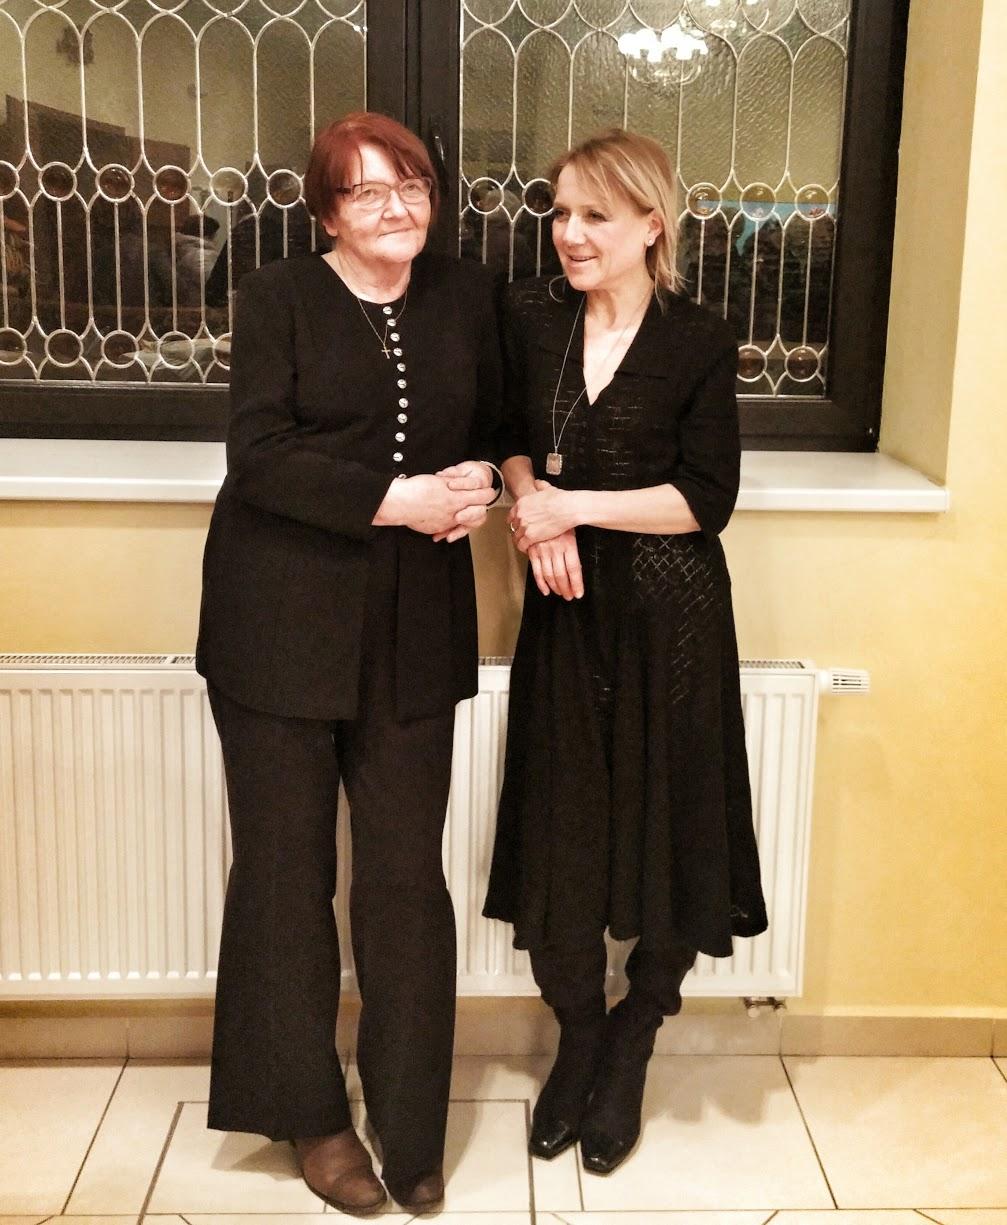 současná nositelka šatů se svou maminkou - z koncertu Mistra Svěceného v Chlumci nad Cidlinou